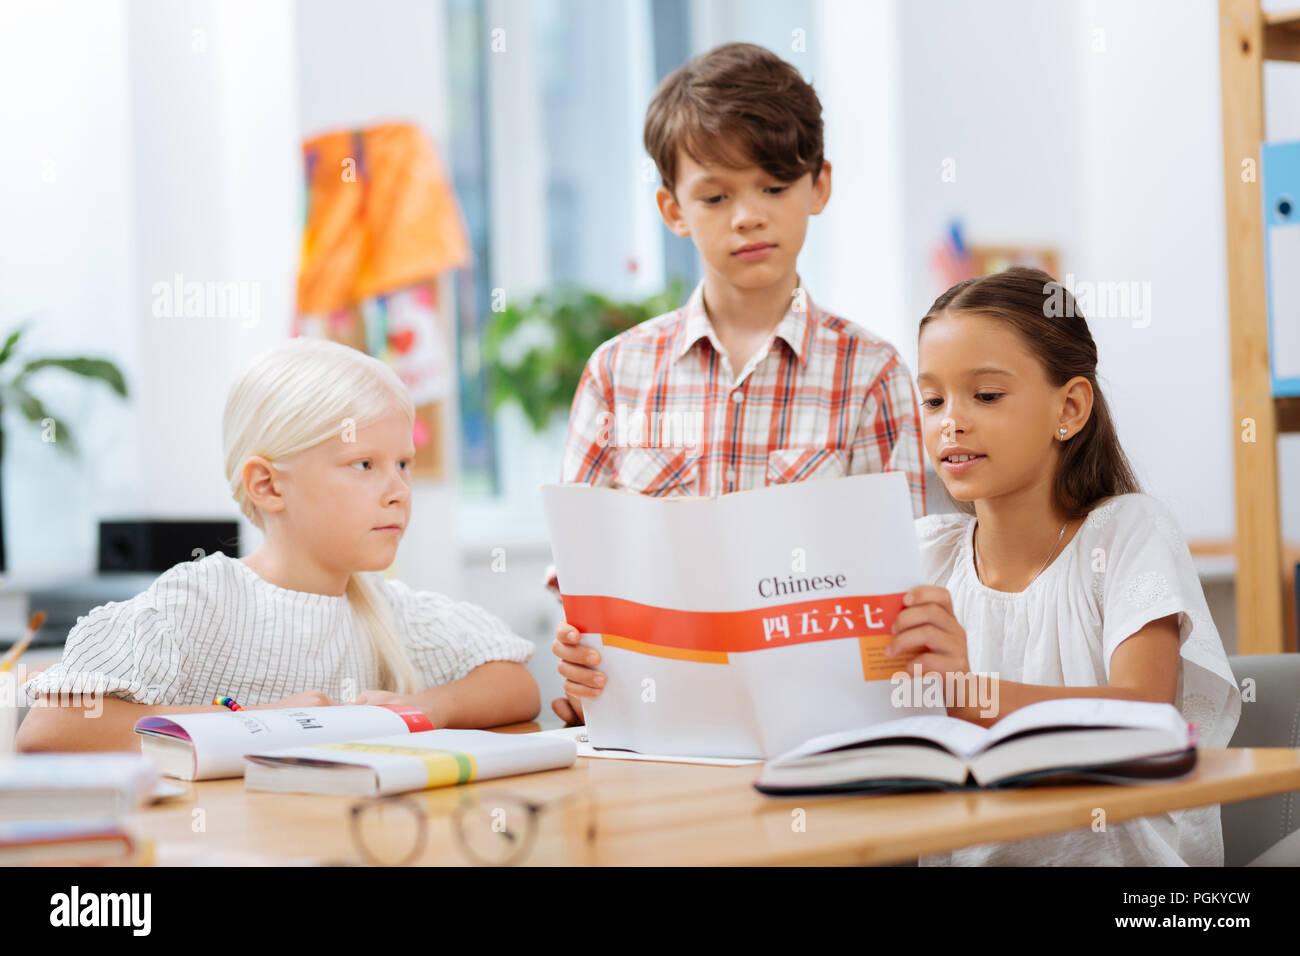 Los niños concentrado prestando atención a los detalles en un ejercicio Imagen De Stock